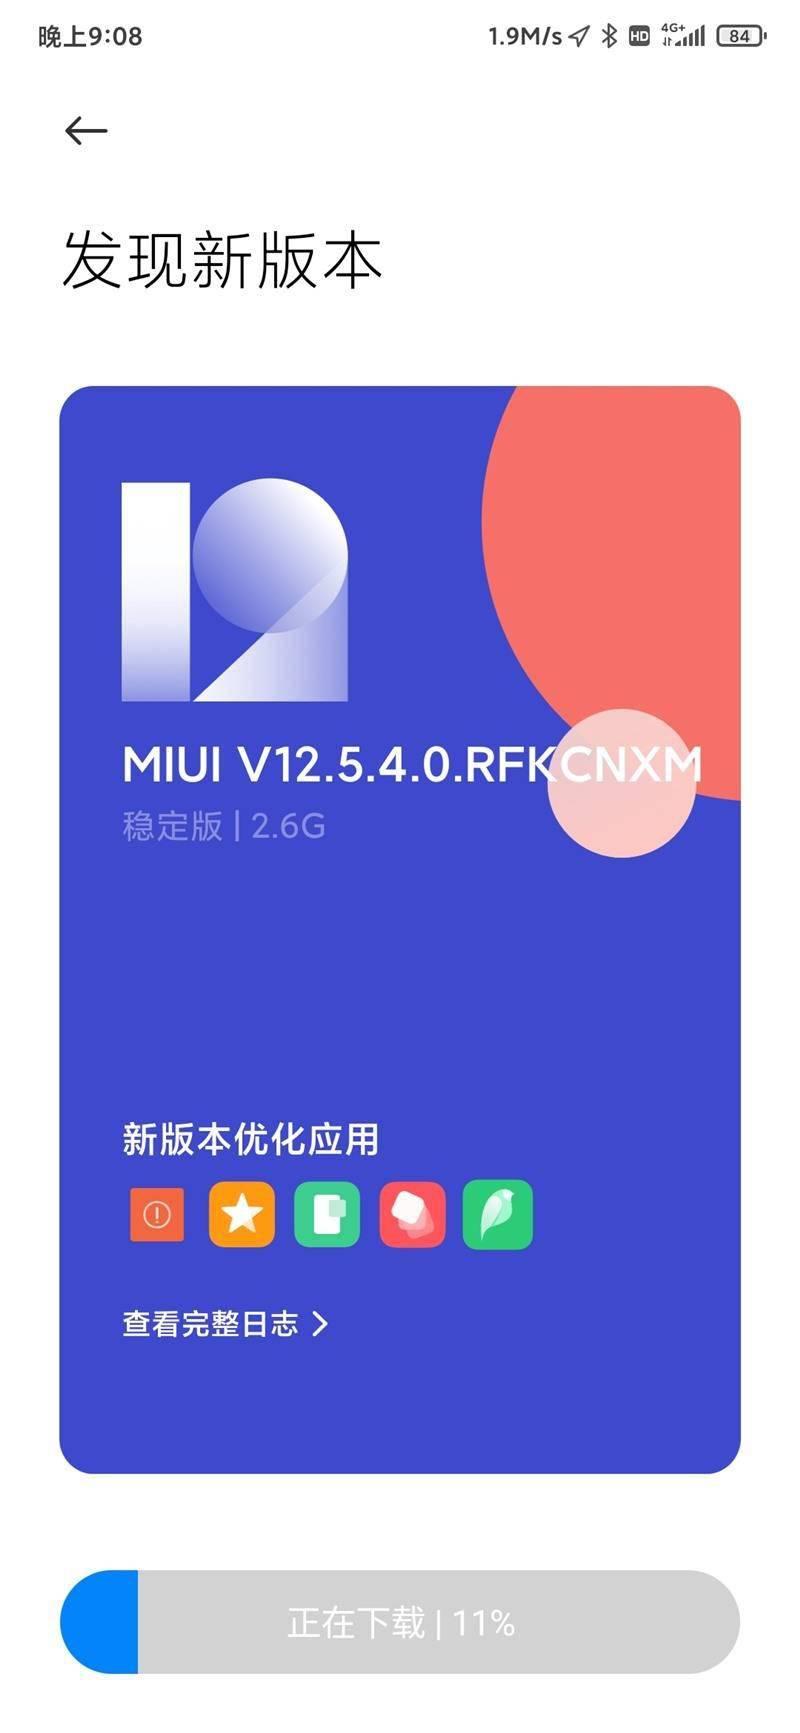 Redmi K20 Pro 获推 MIUI 12.5稳定版更新!更新包大小2.6GB